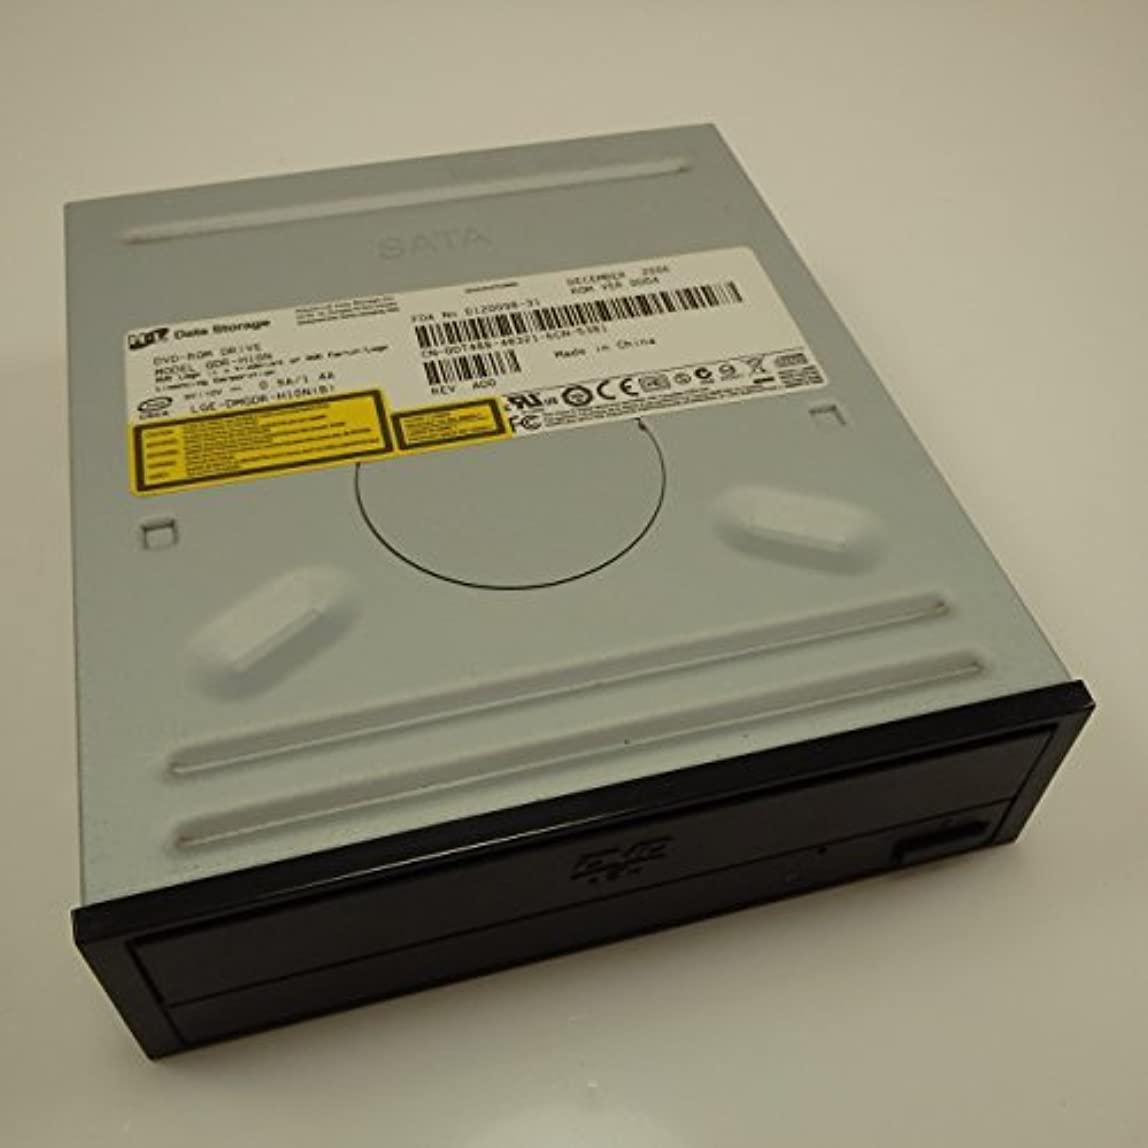 マイクロフォンる過激派Dell OptiPlex /寸法16 x SATA HH光学ドライブ – dt488